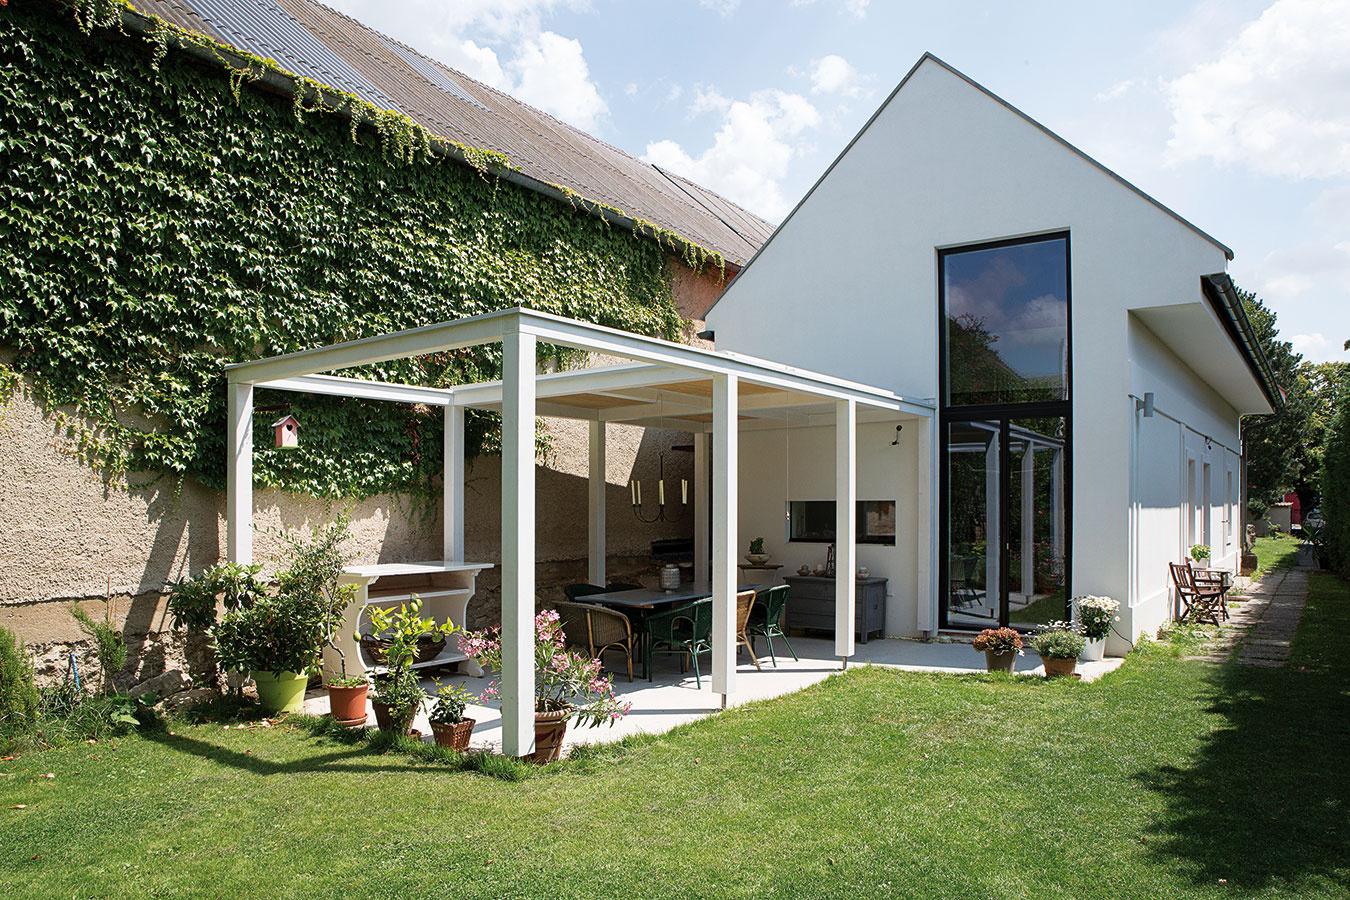 Záhrada pred aj za domom. Dom je odsadený od pôvodnej uličnej zástavby, takže klasický dlhý aúzky pozemok rozdeľuje netradične na dve časti.